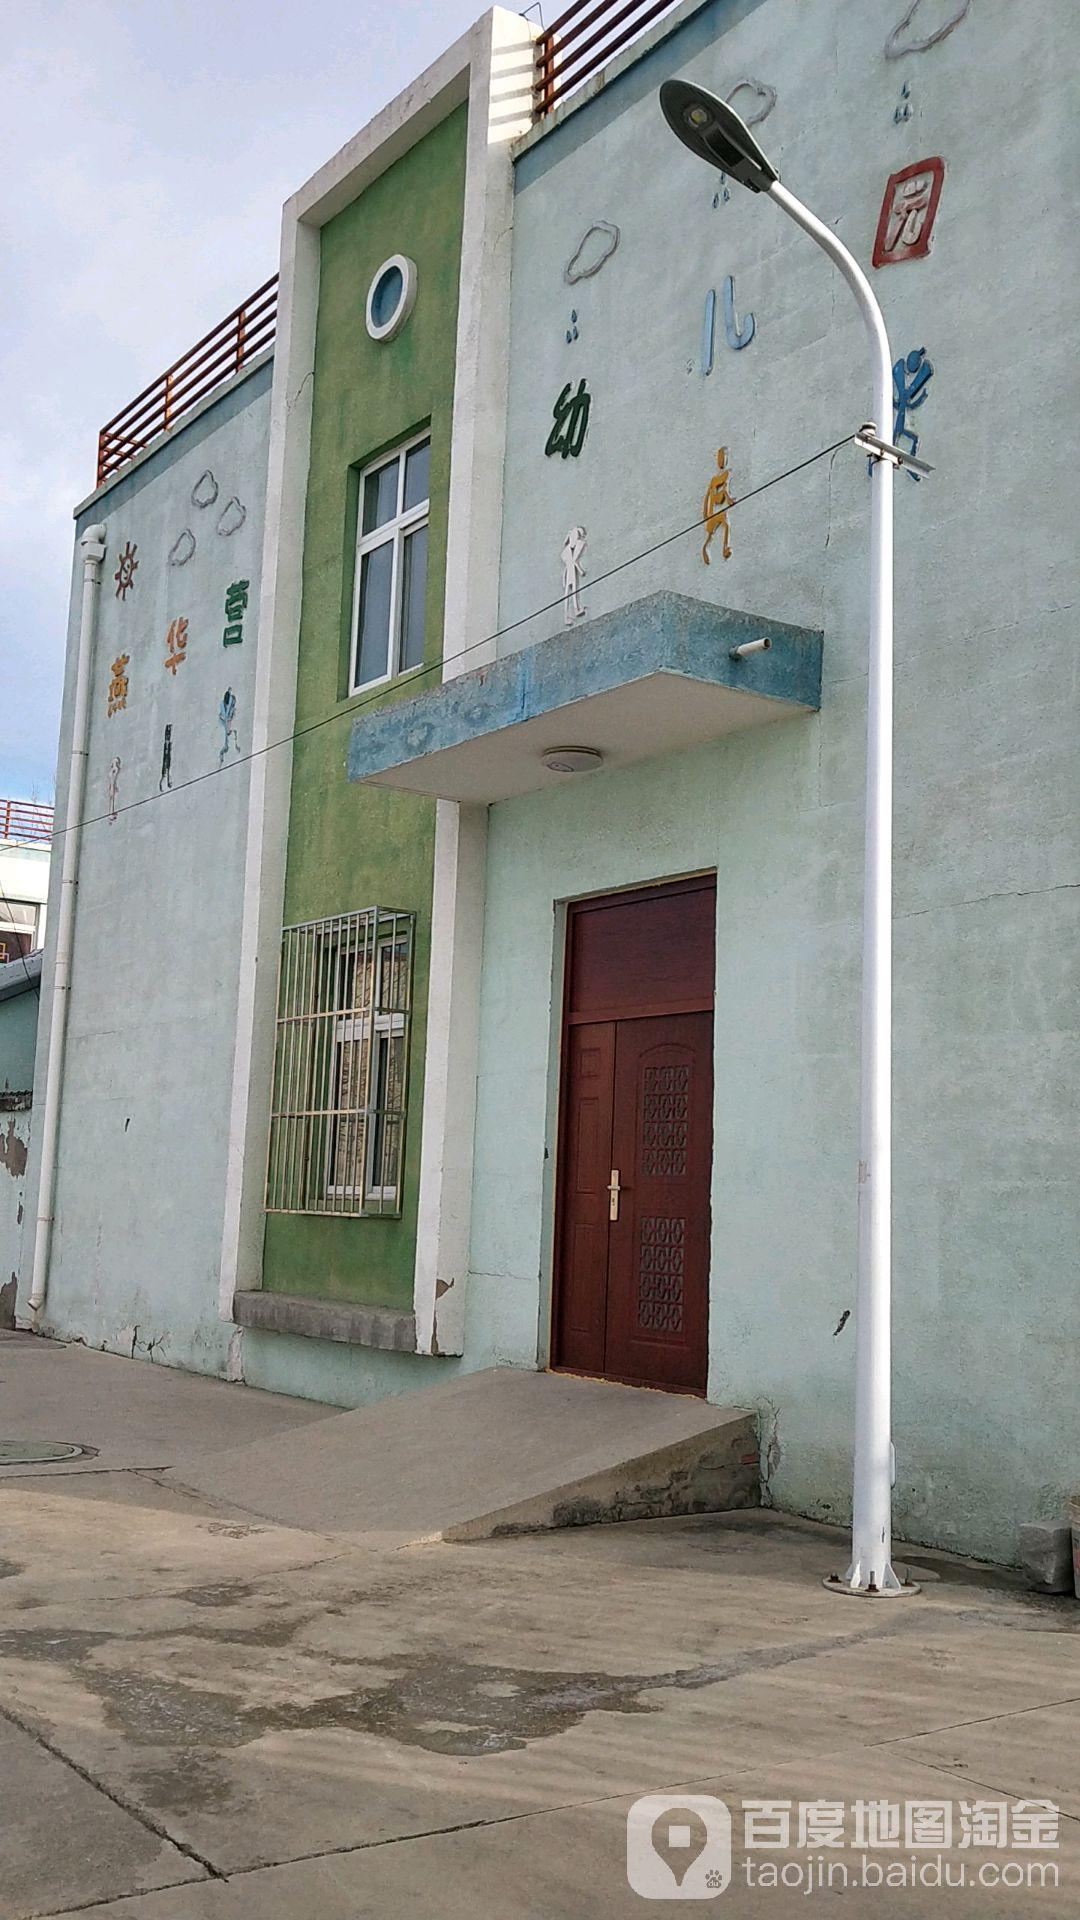 燕华营幼儿园